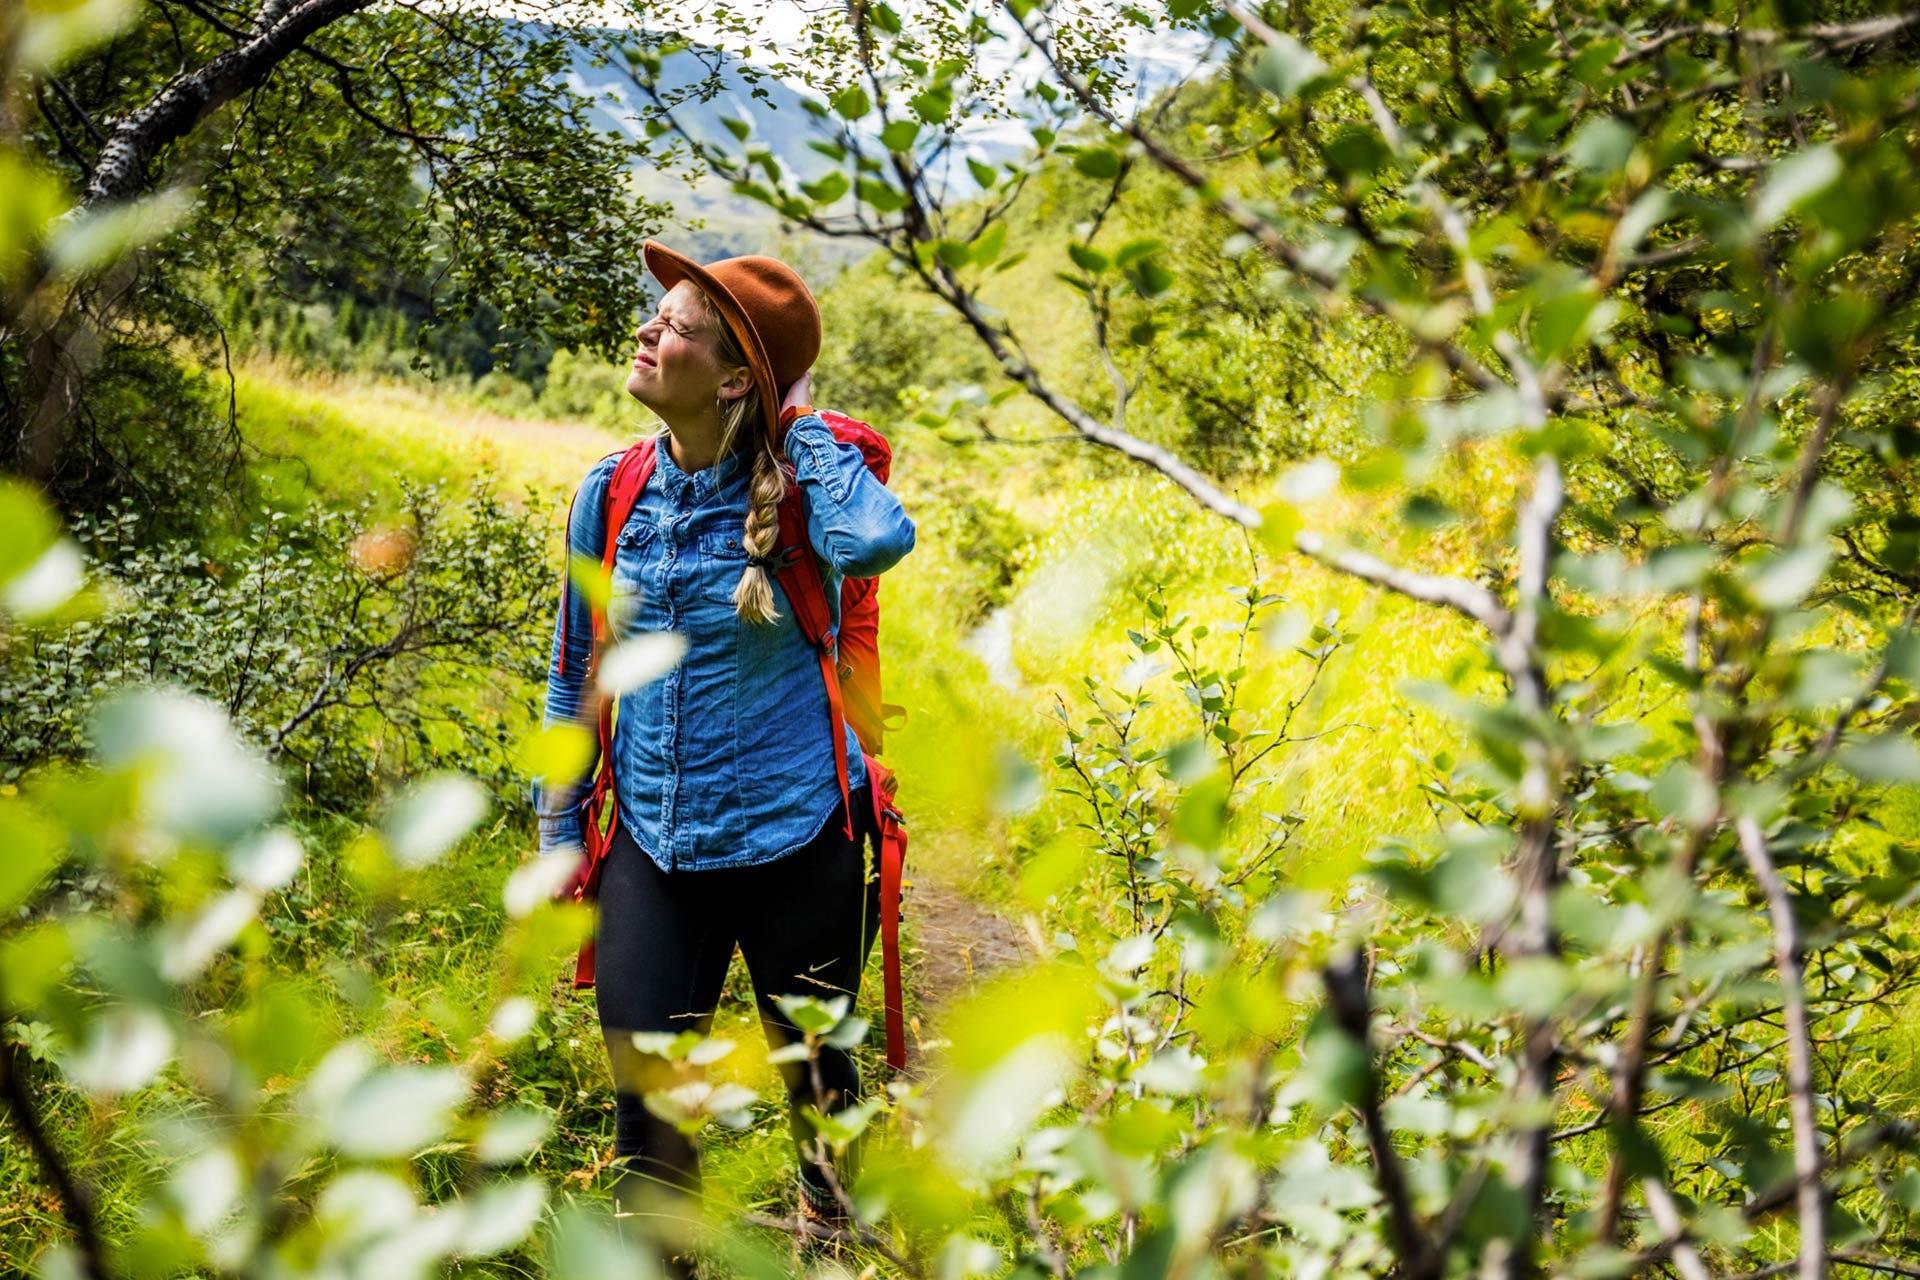 2-dniowa wycieczka po dolinie Thorsmork z sauną i grillem w górach, wyjazd z Hvolsvollur - day 2